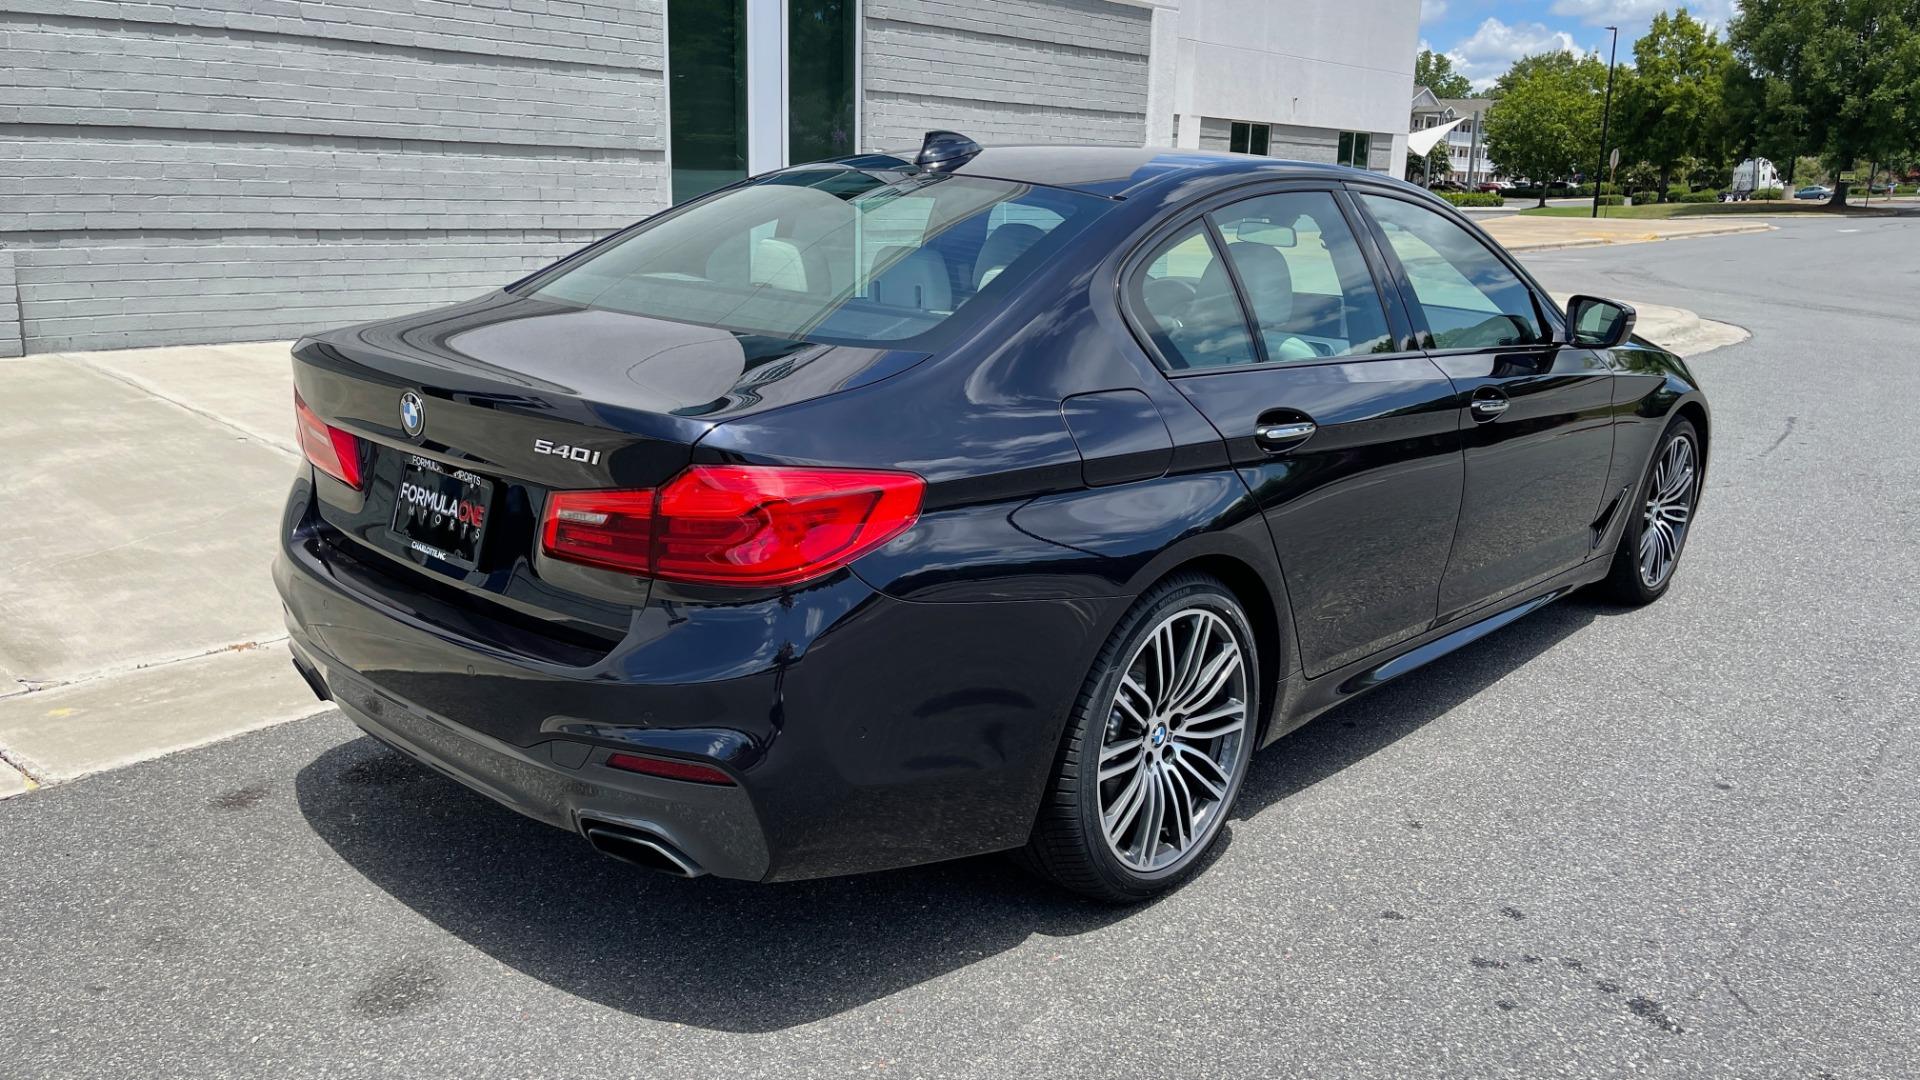 Used 2018 BMW 5 SERIES 540I M-SPORT / EXECUTIVE PKG / DRVR ASST PKG / BLIND SPOT / LANE DEPART for sale $40,995 at Formula Imports in Charlotte NC 28227 2